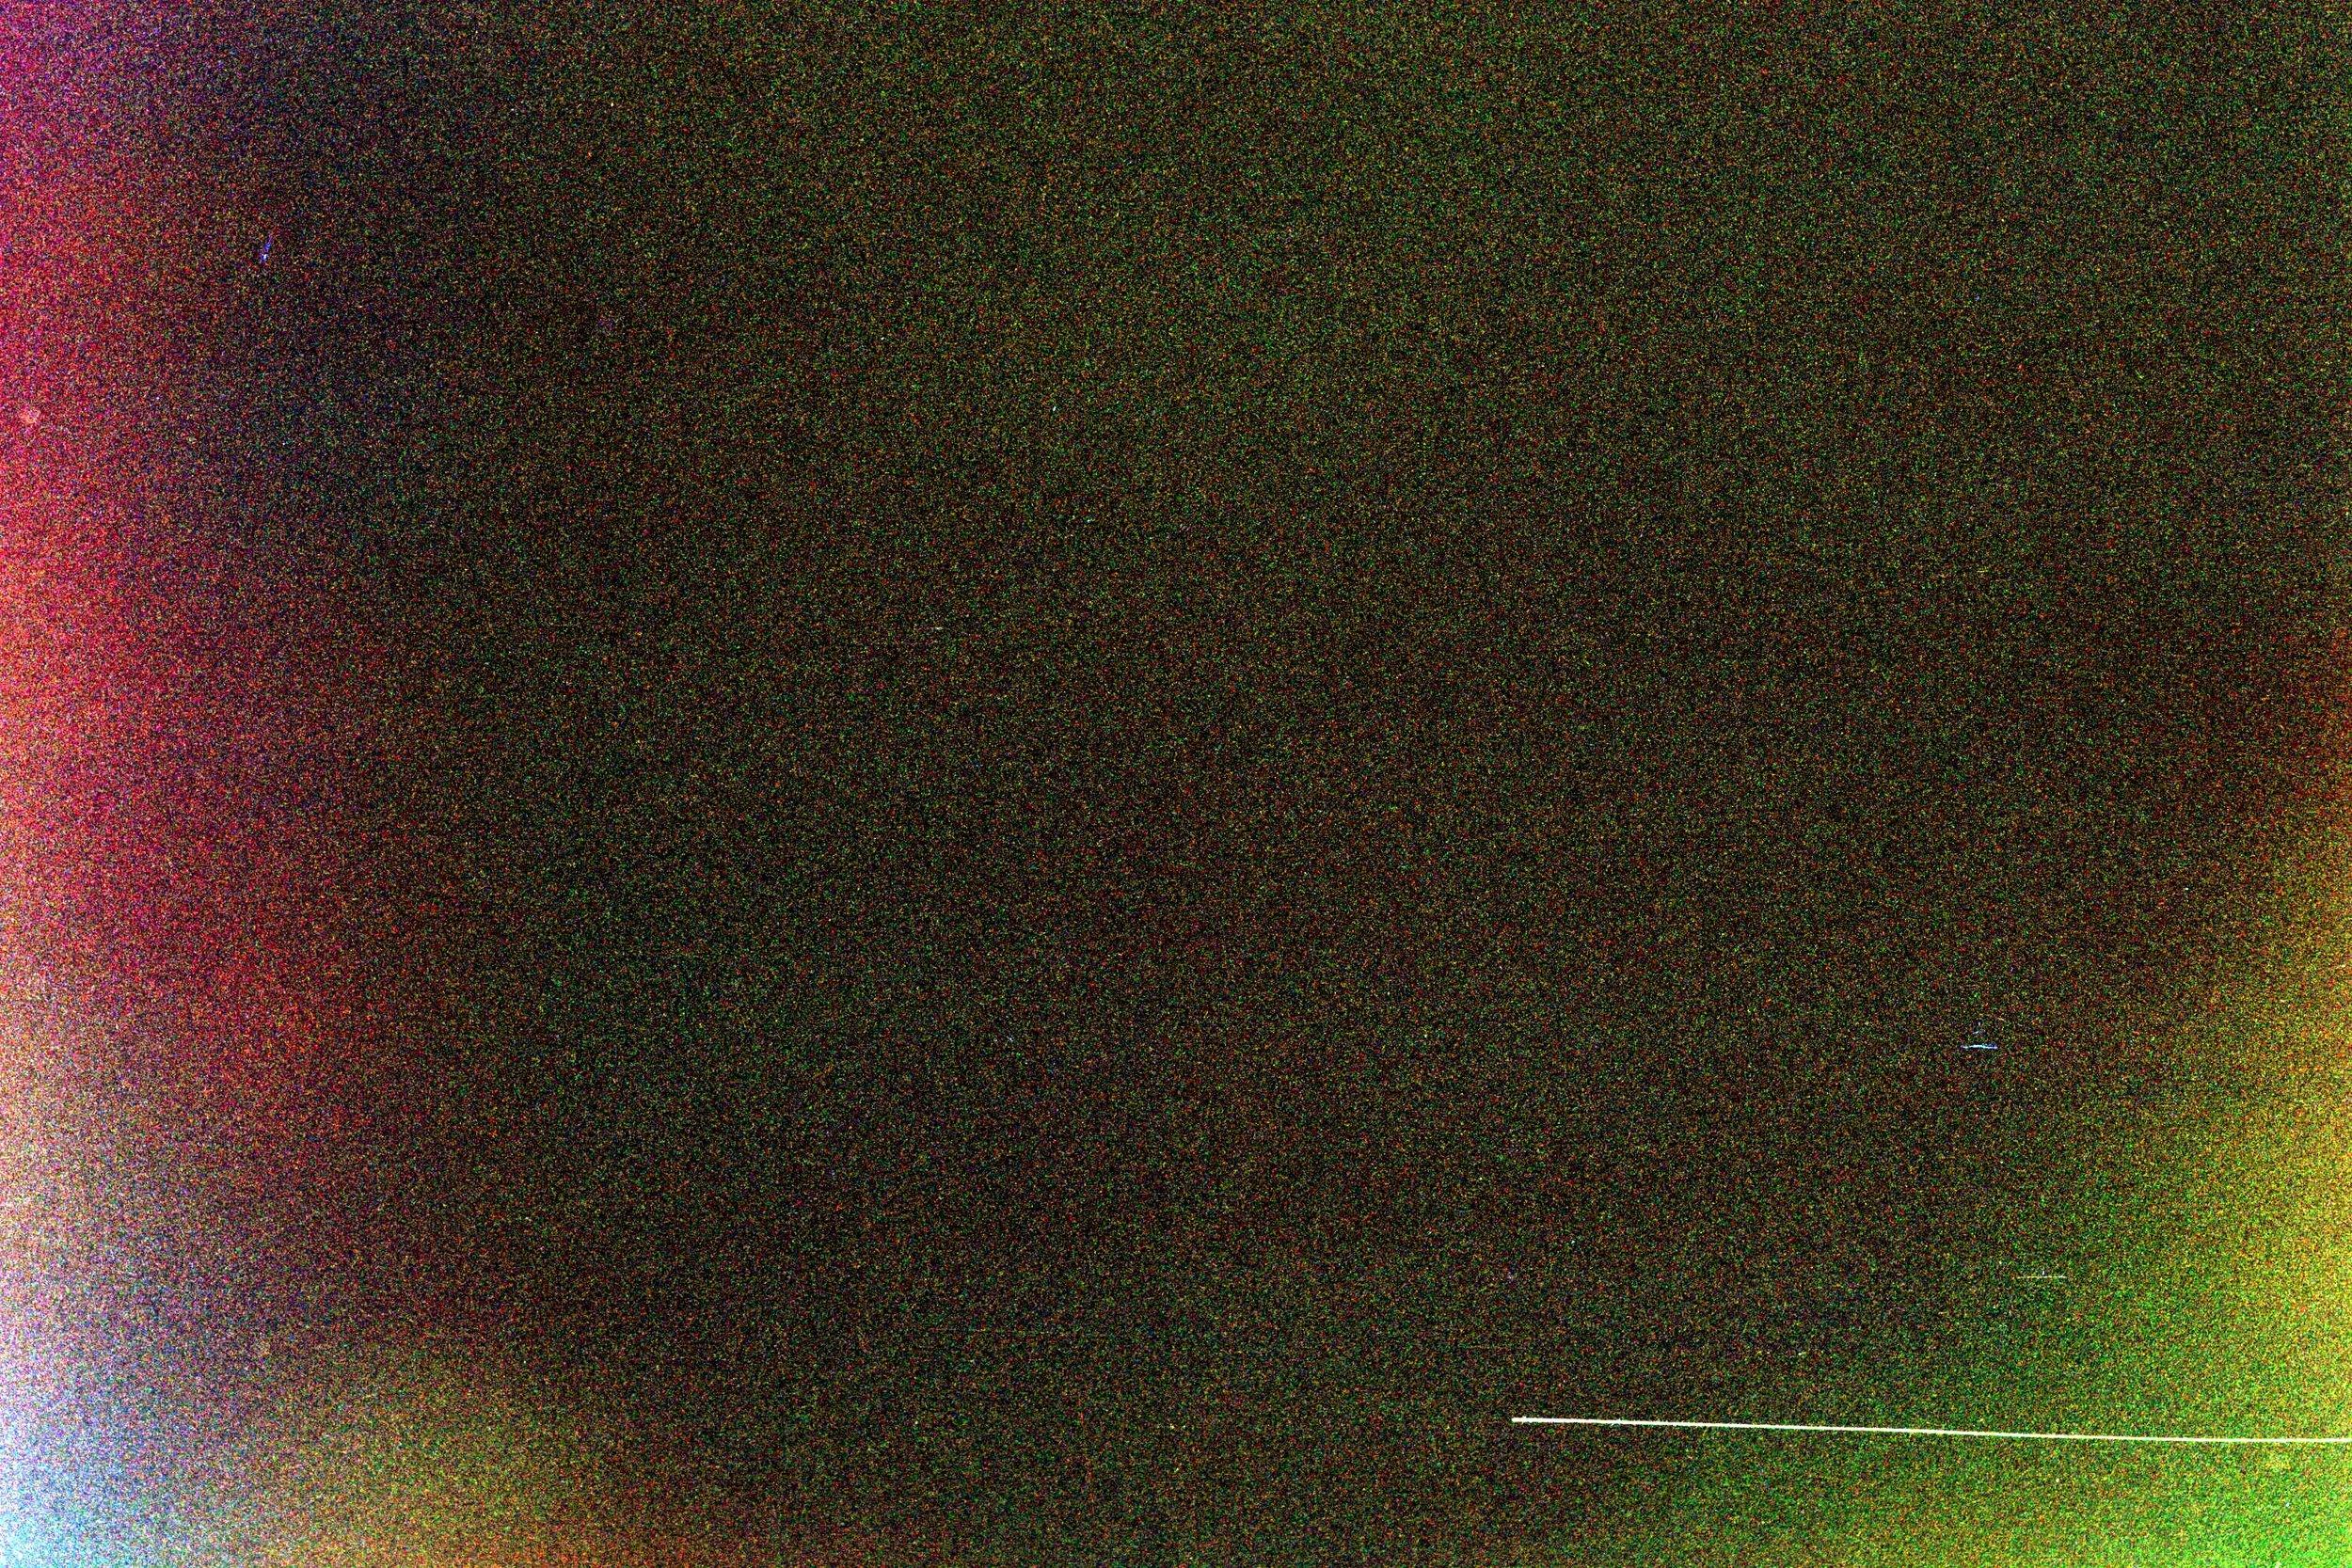 028_xa.jpg